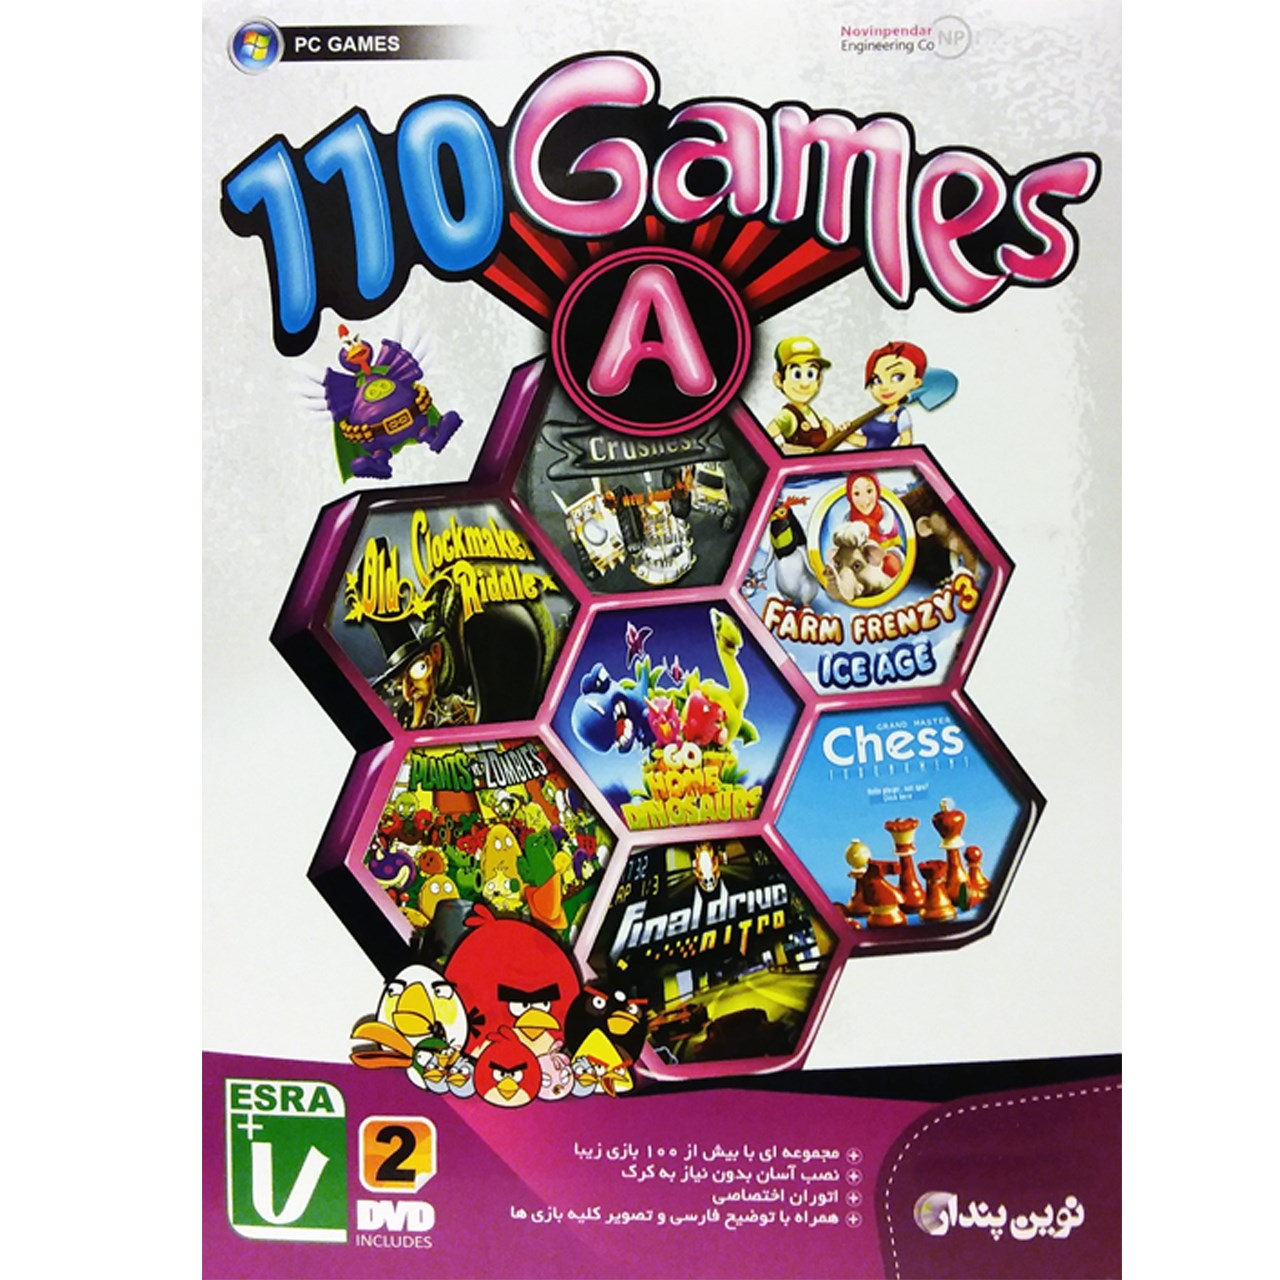 بازی  110Games - Series A مخصوص pc